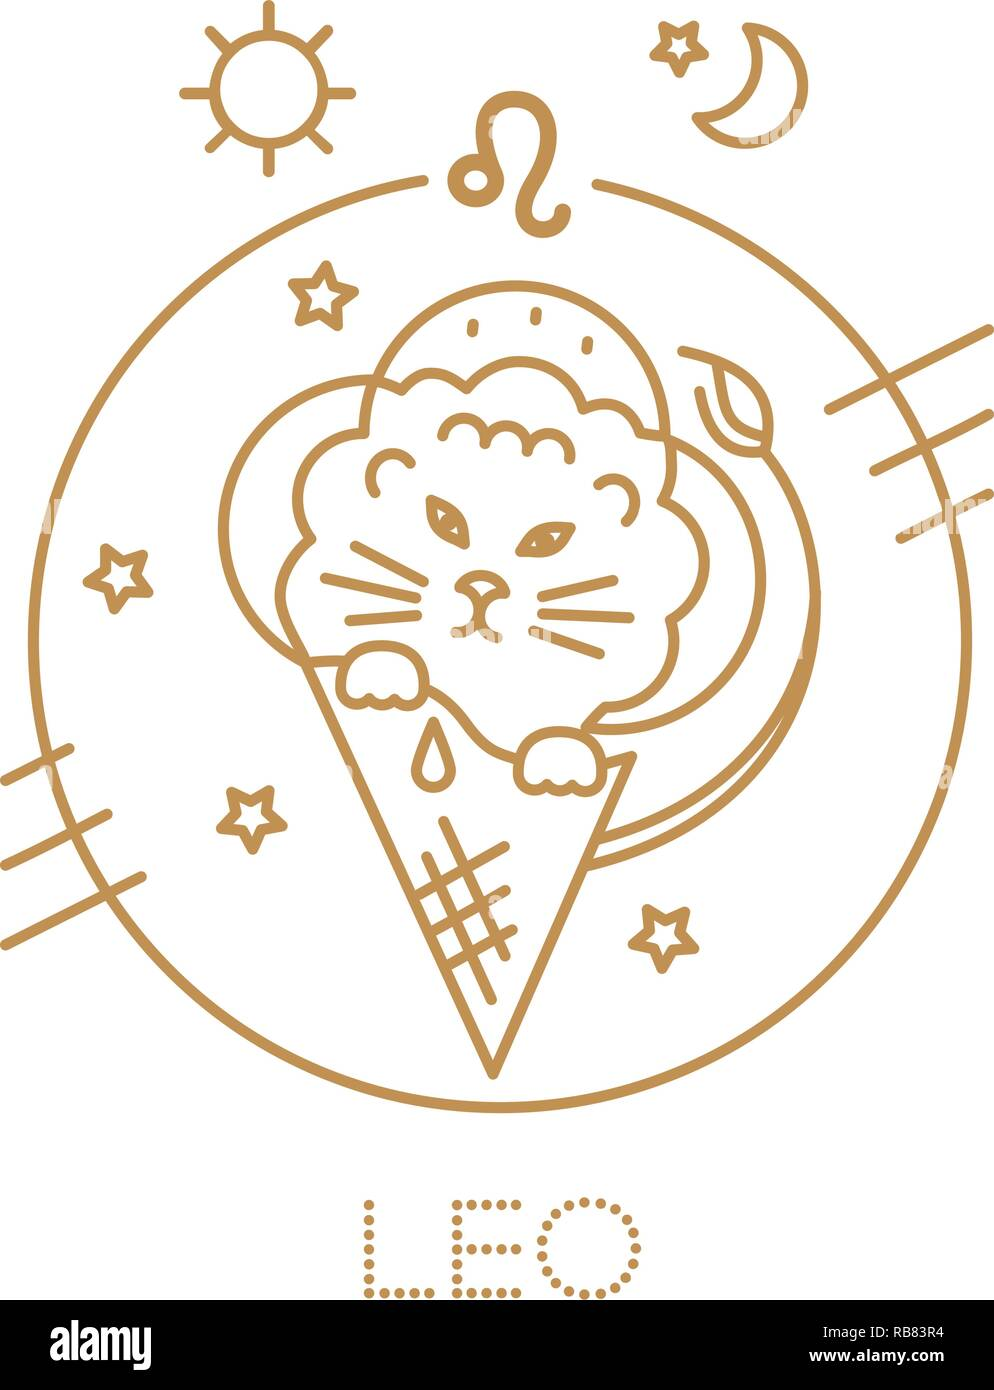 Leo Lion Signe Du Zodiaque Logo Illustration Ou De Tatouage